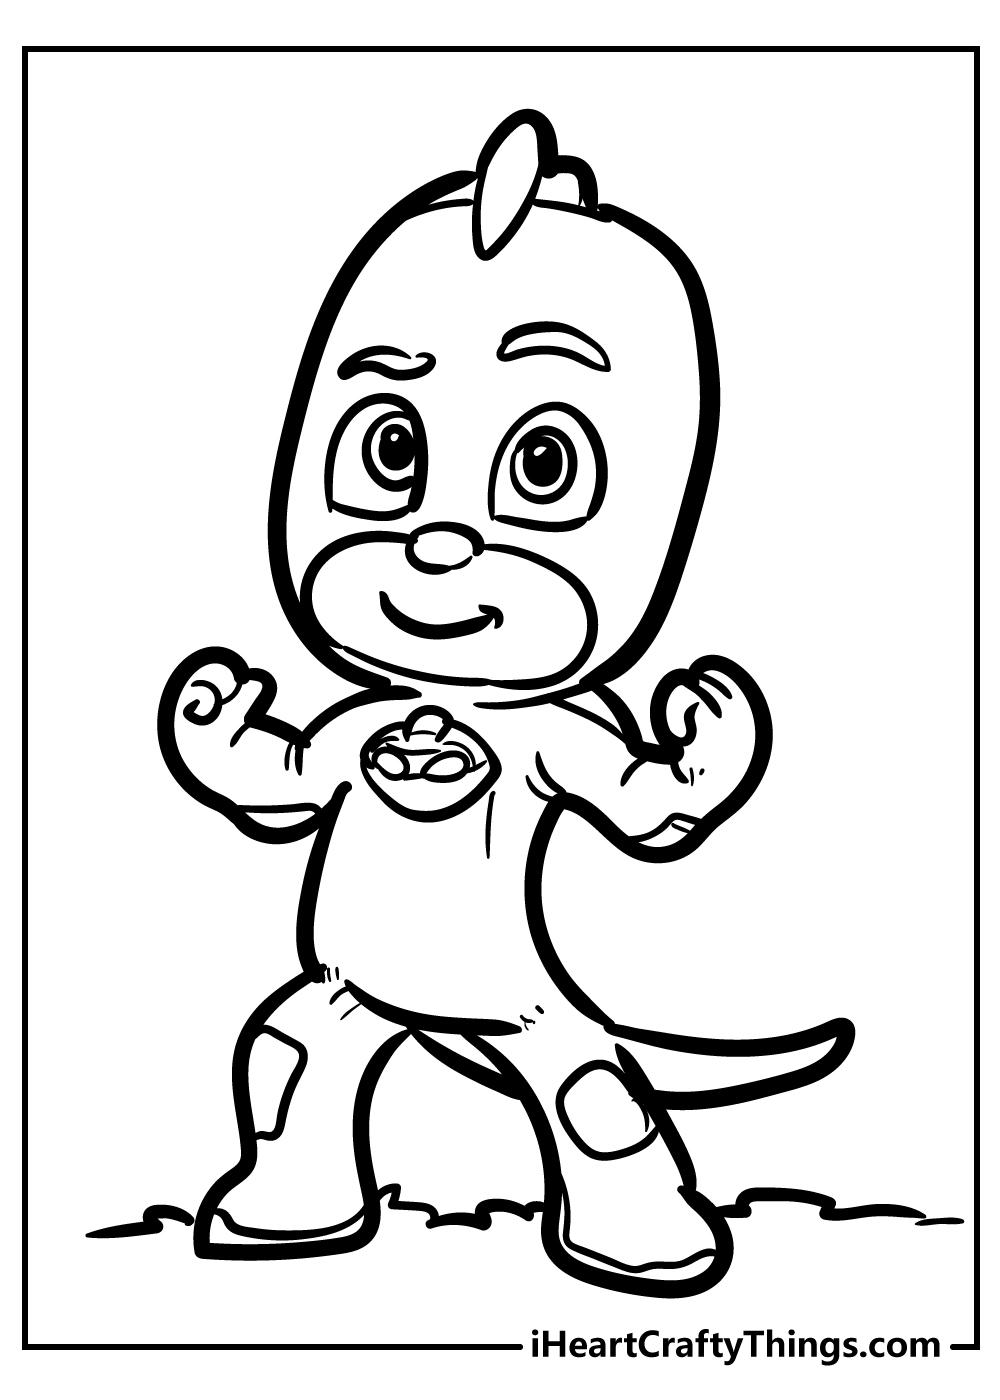 gekko pj coloring pages free printable